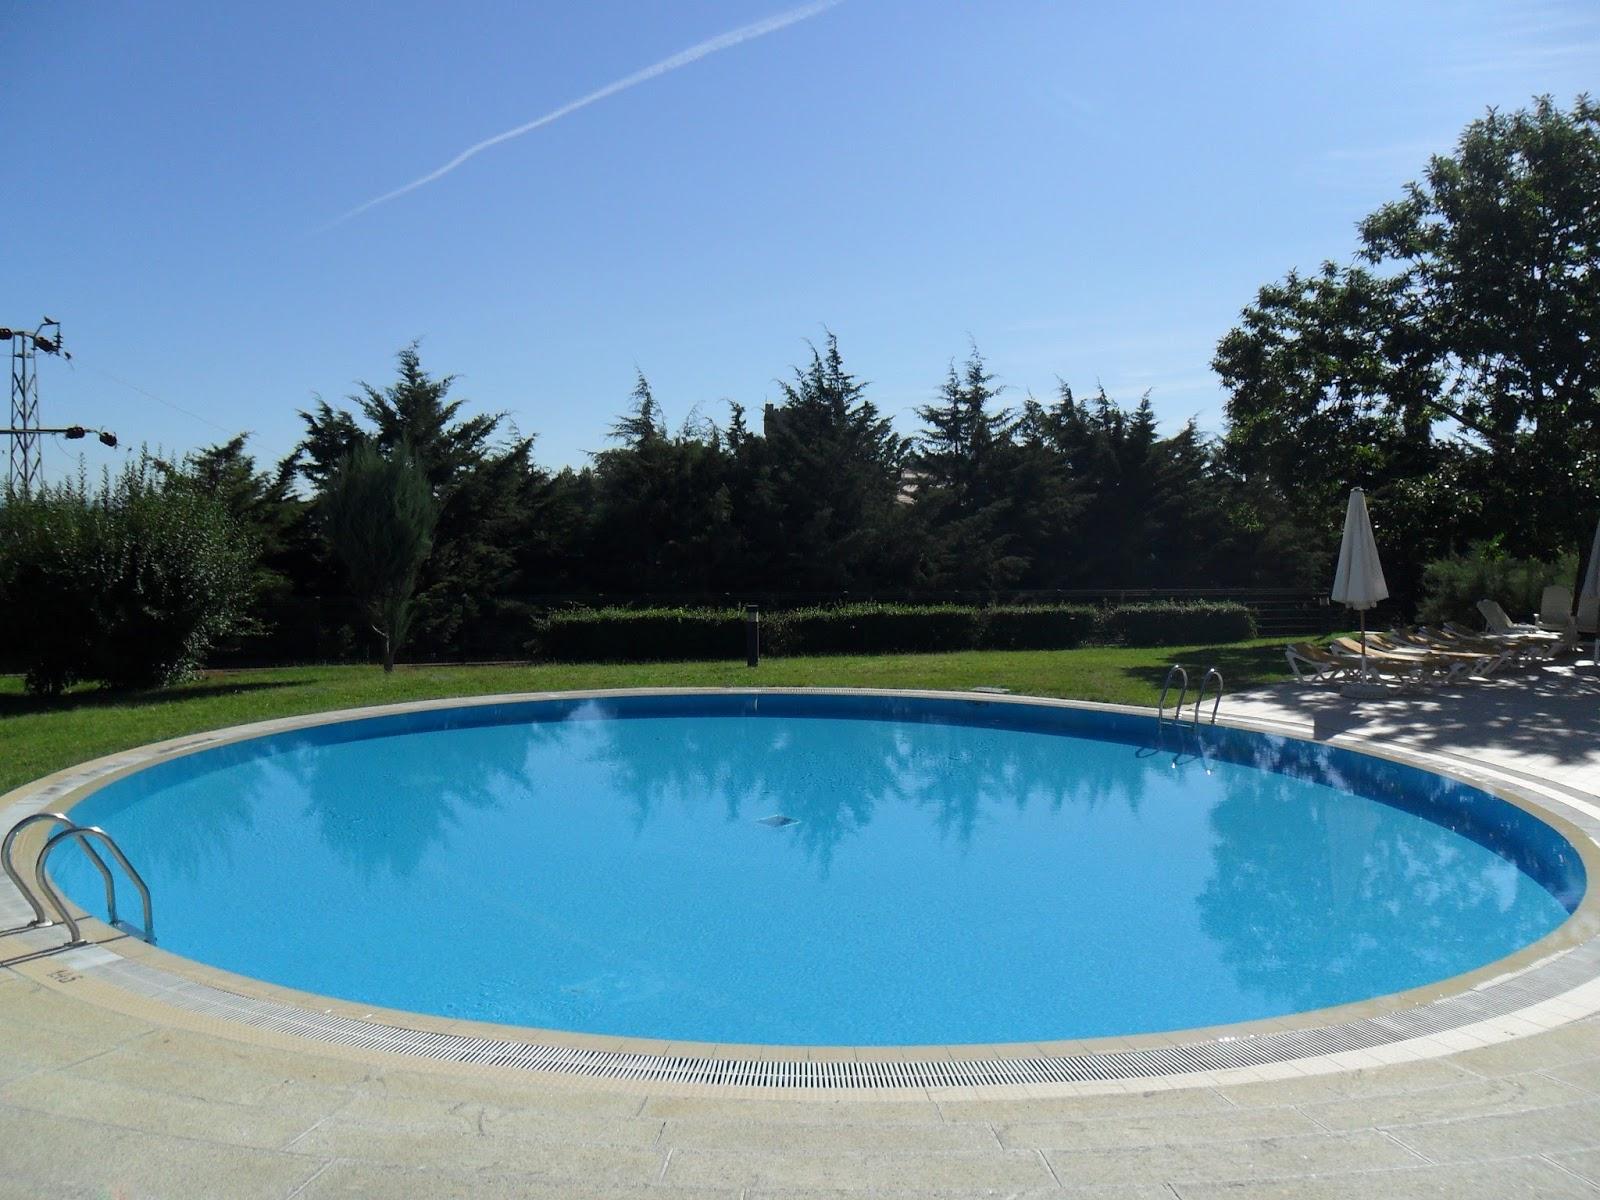 Piscinas cr 926 223 996 ciudad real for Se hacen piscinas